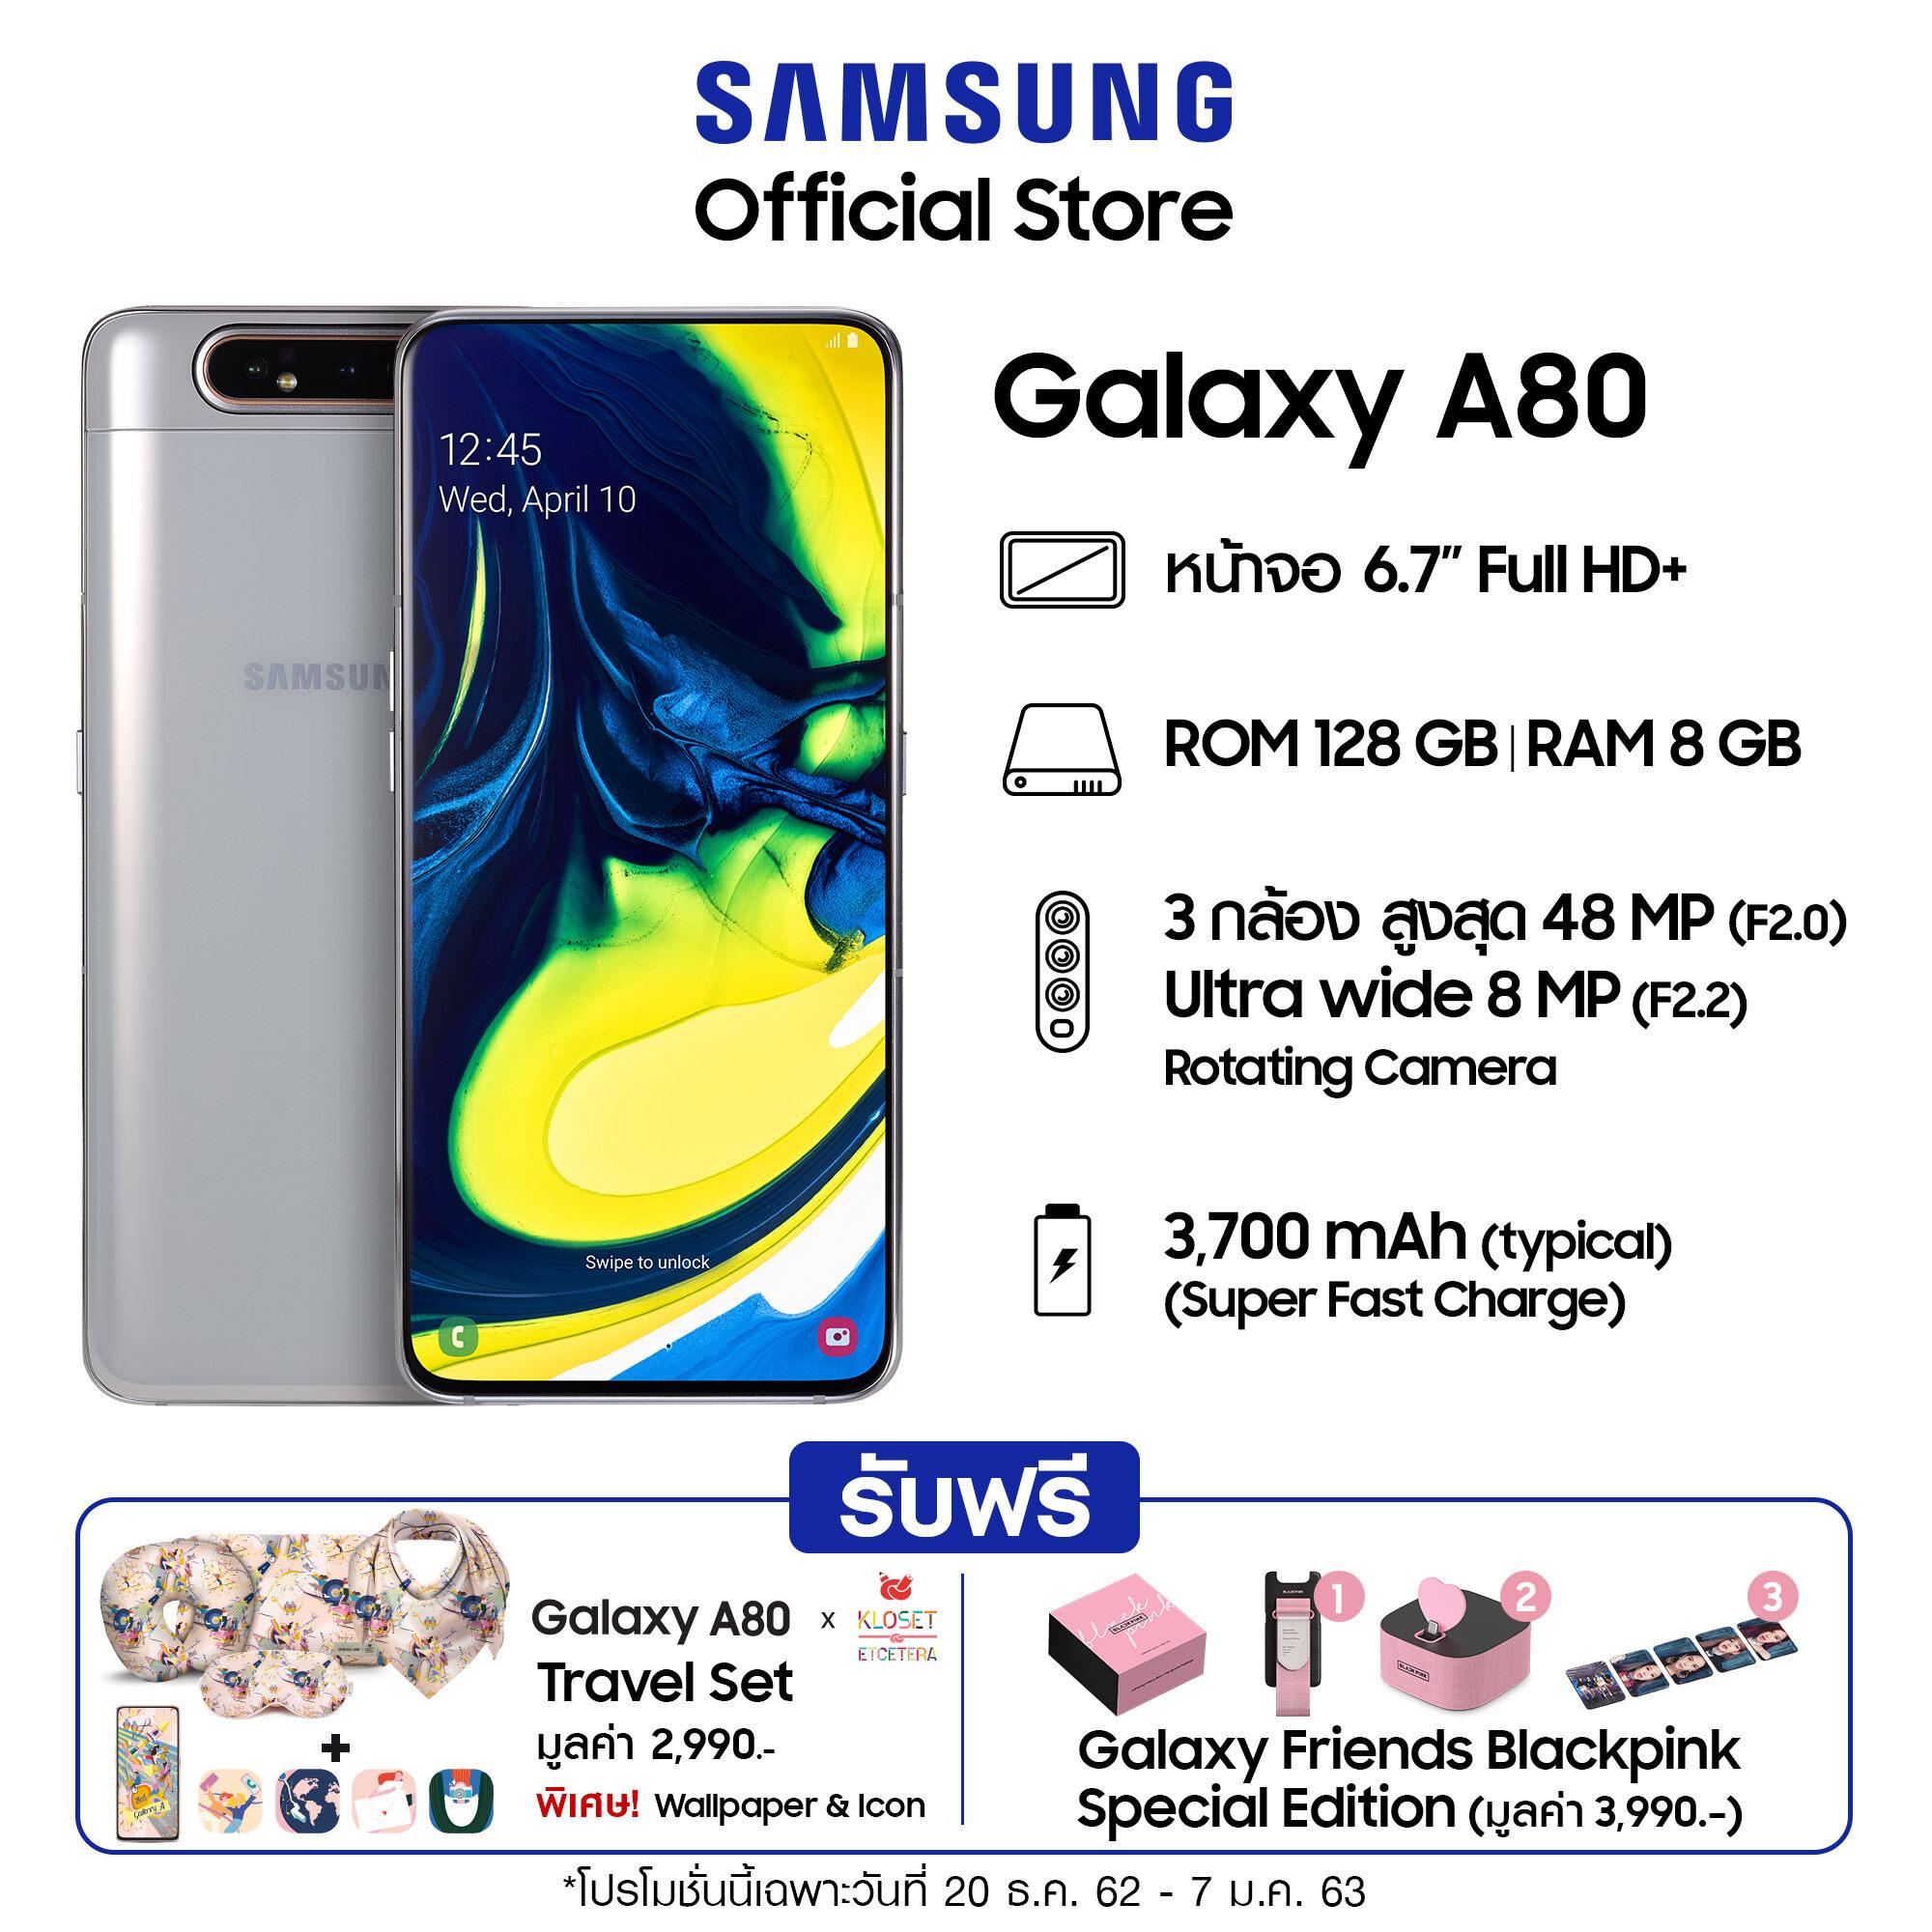 เปิดตัว Samsung Galaxy A30 และ A50 พร้อมลุ้นชม Blackpink สุดเอ็กซ์คลูซีฟ